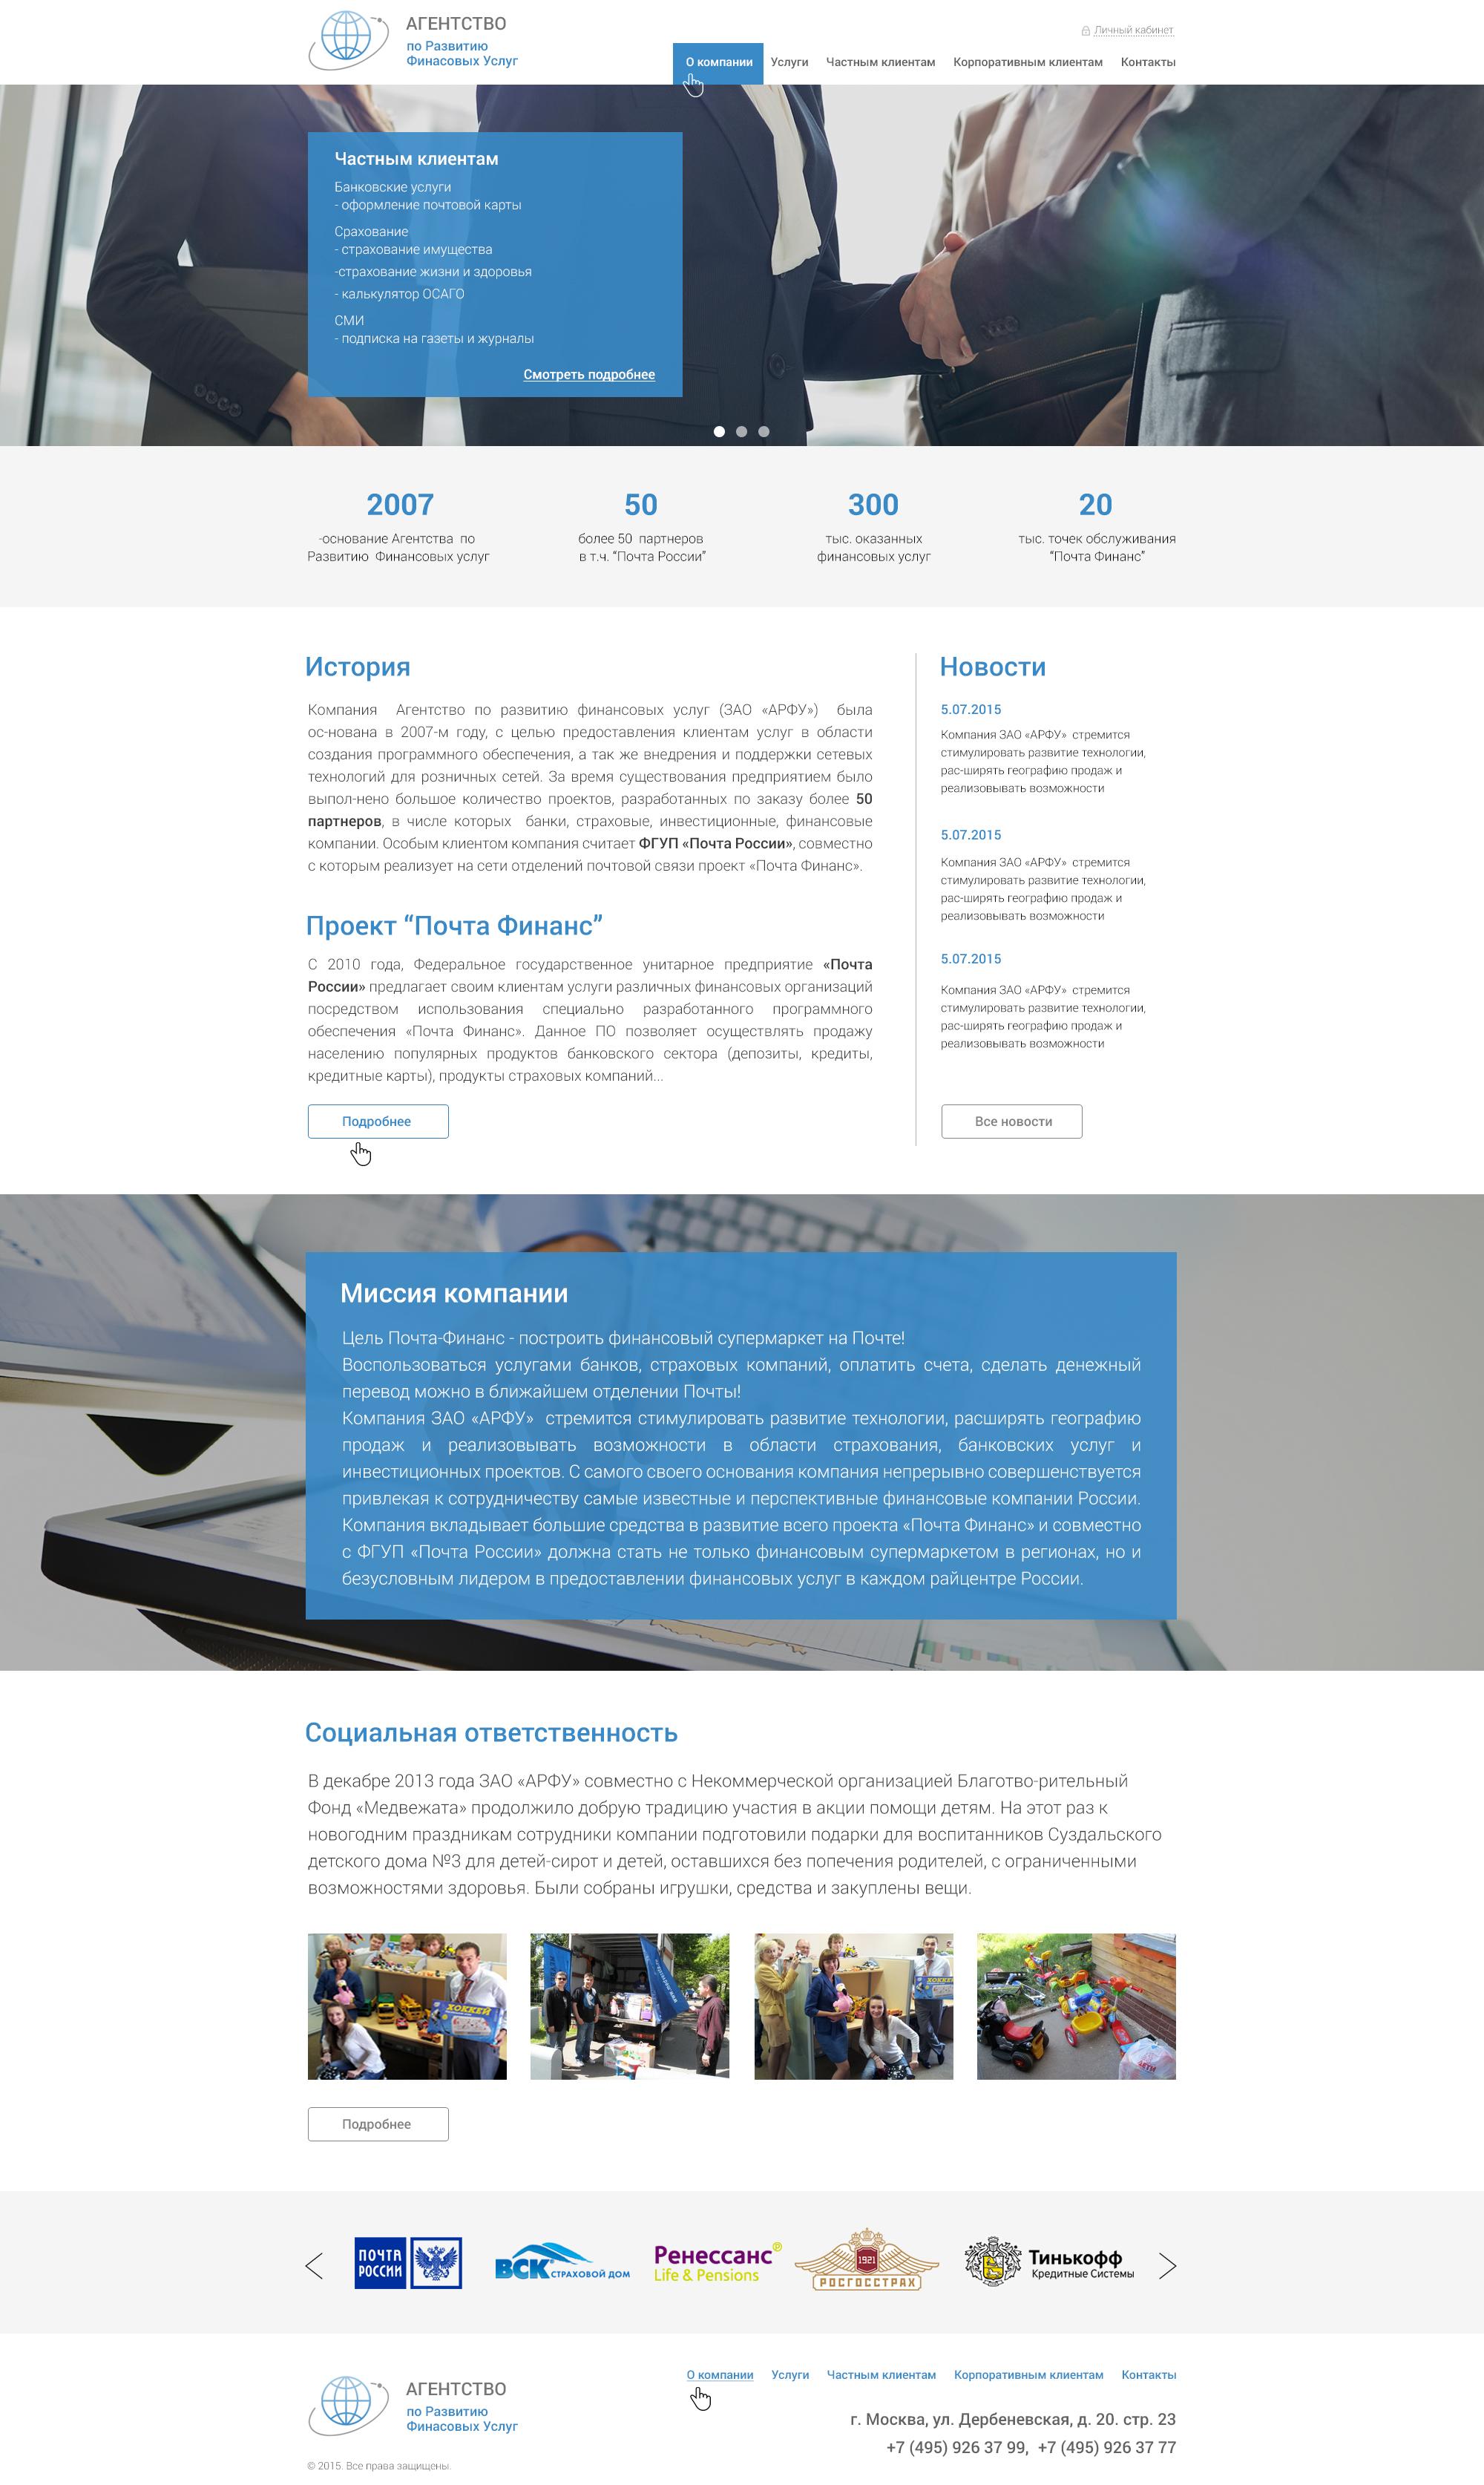 Разработка дизайна сайта для агентства по развитию фин. услуг